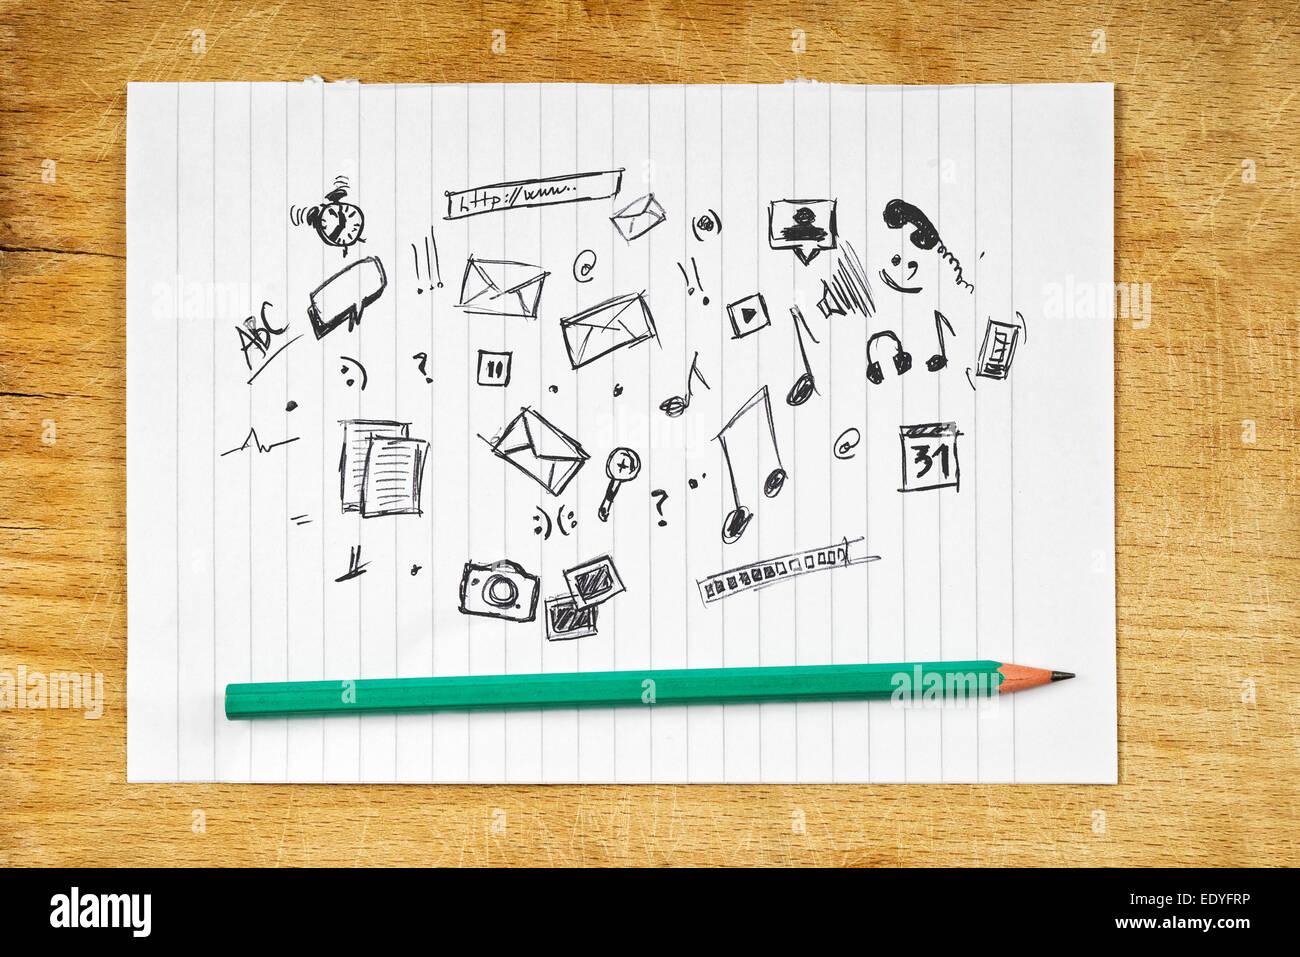 Doodle abbozzato Icone multimediali su carta con matita Immagini Stock